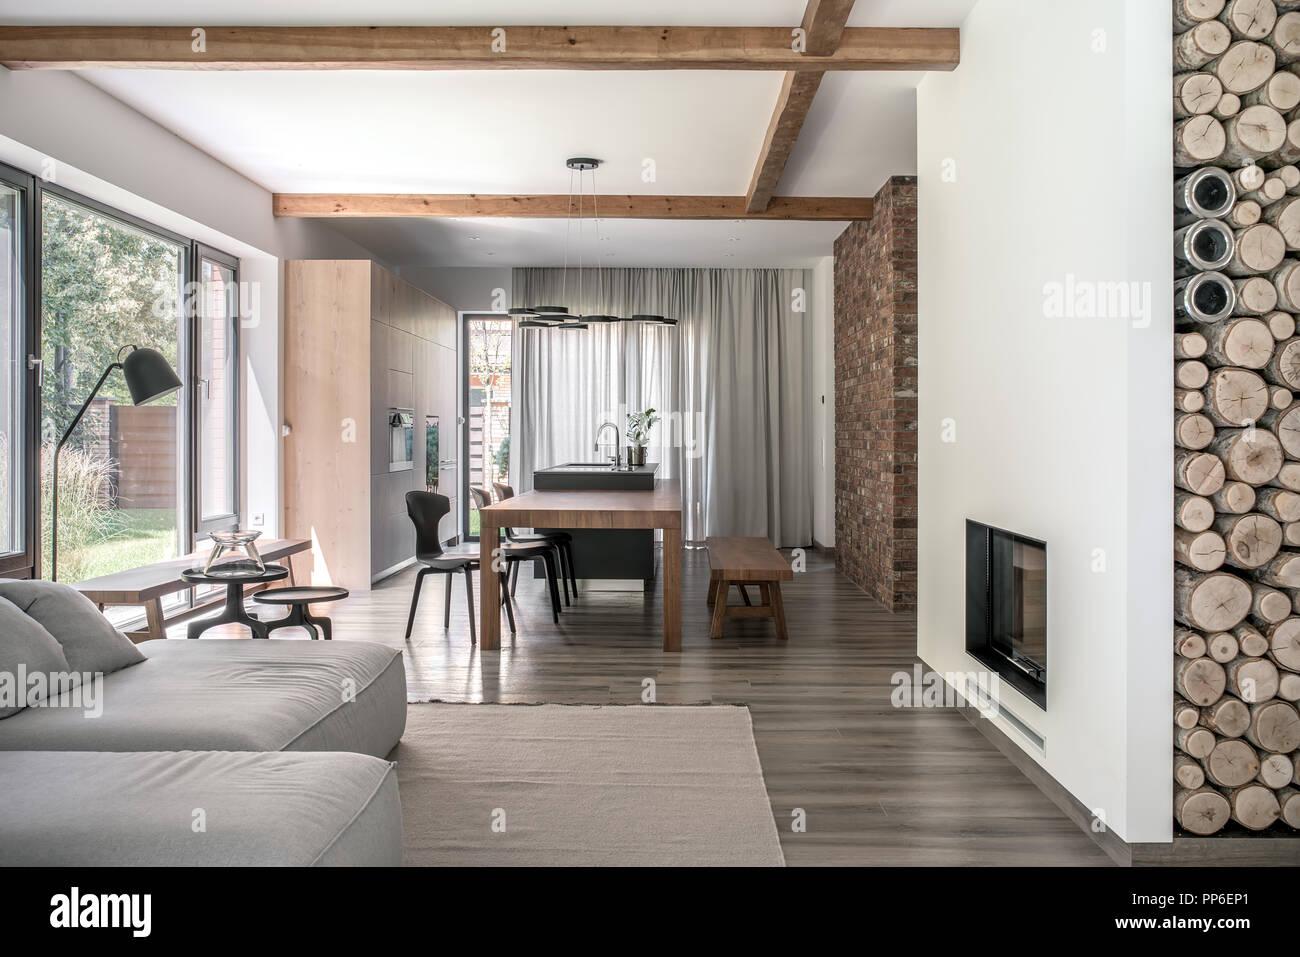 Travi In Legno Per Soffitto : Hall in stile moderno con pareti differenti e travi di legno sul